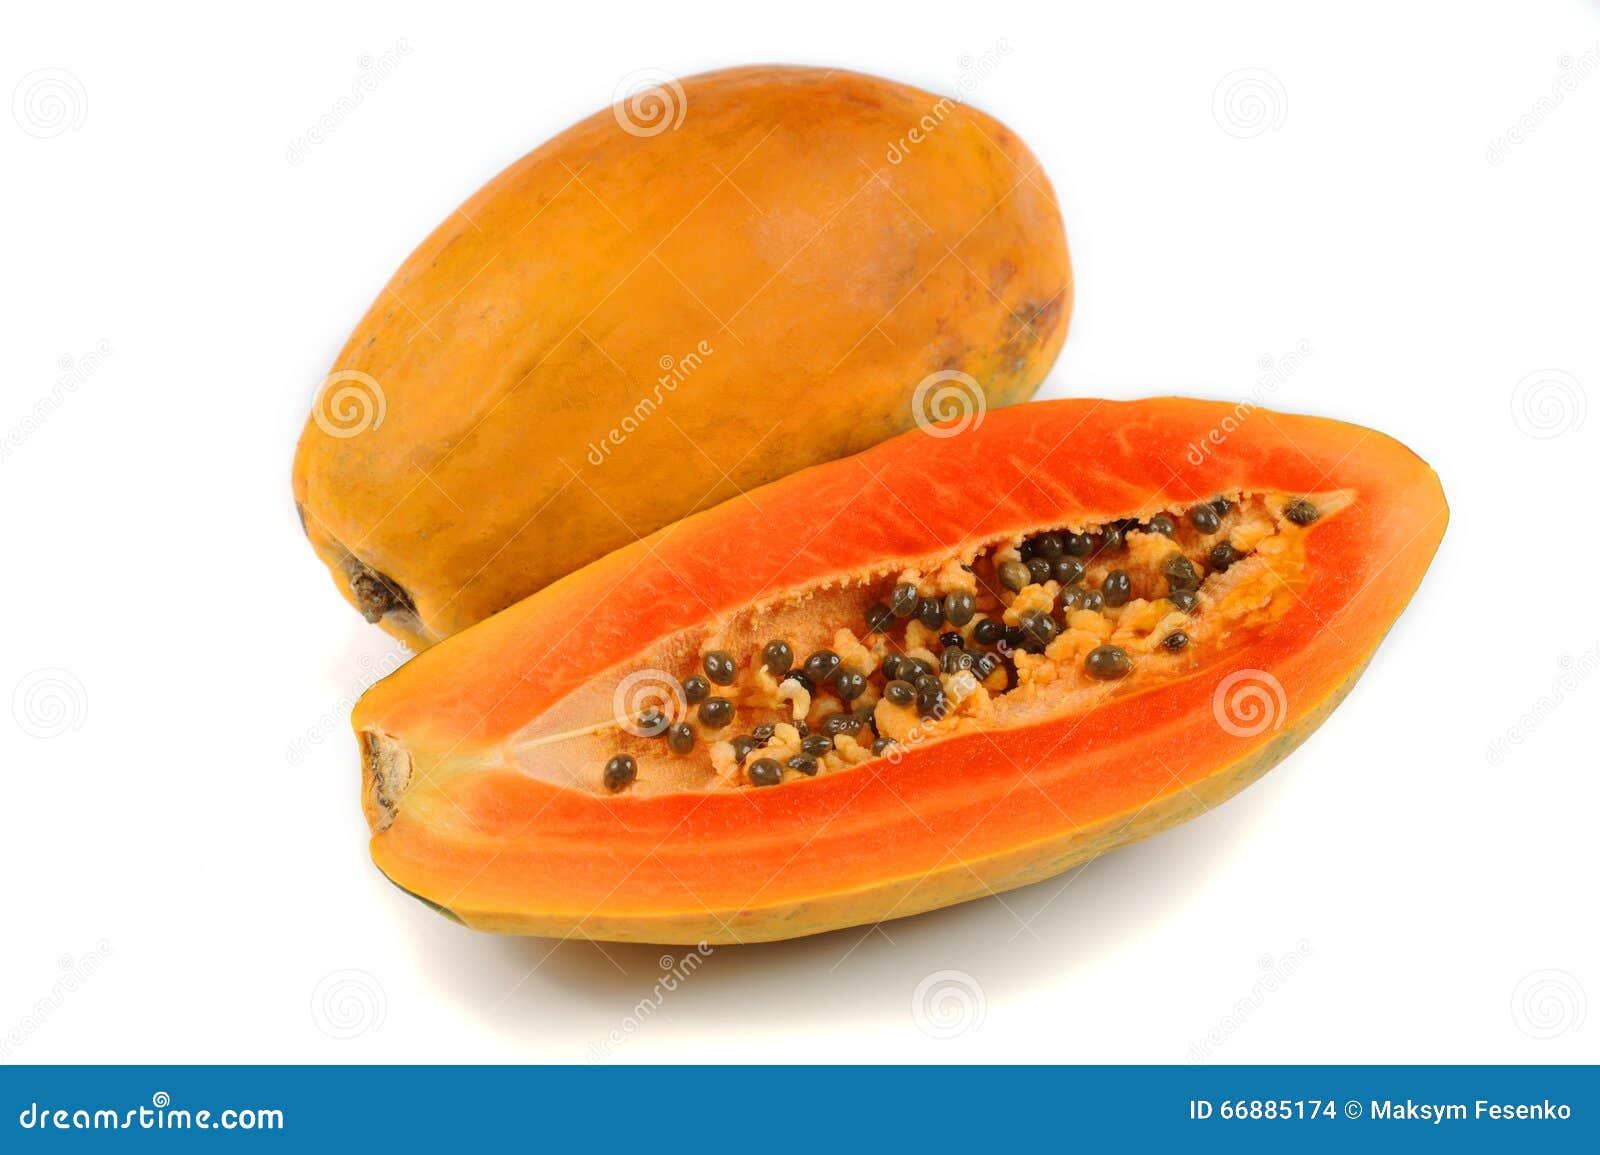 背景剪报半图象包括番木瓜路径的剪切果子去除空白全部